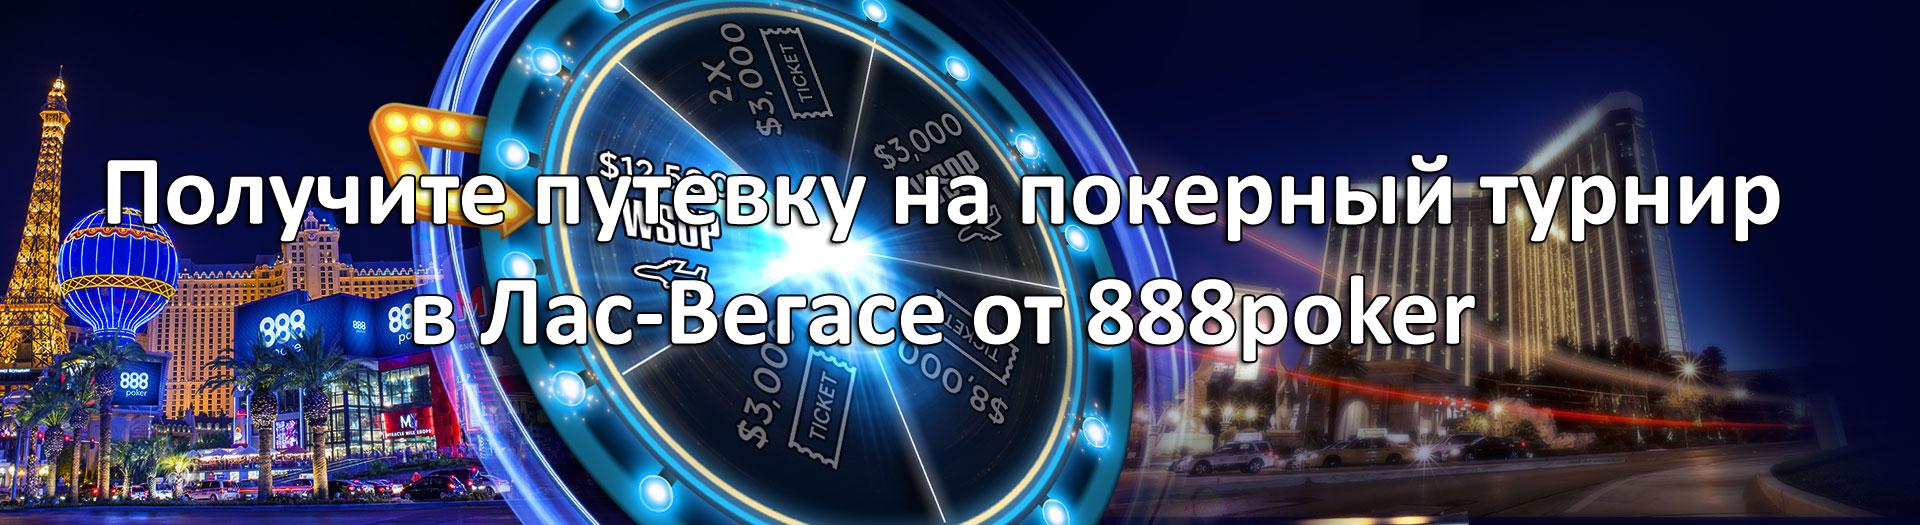 Получите путевку на покерный турнир в Лас-Вегасе от 888poker